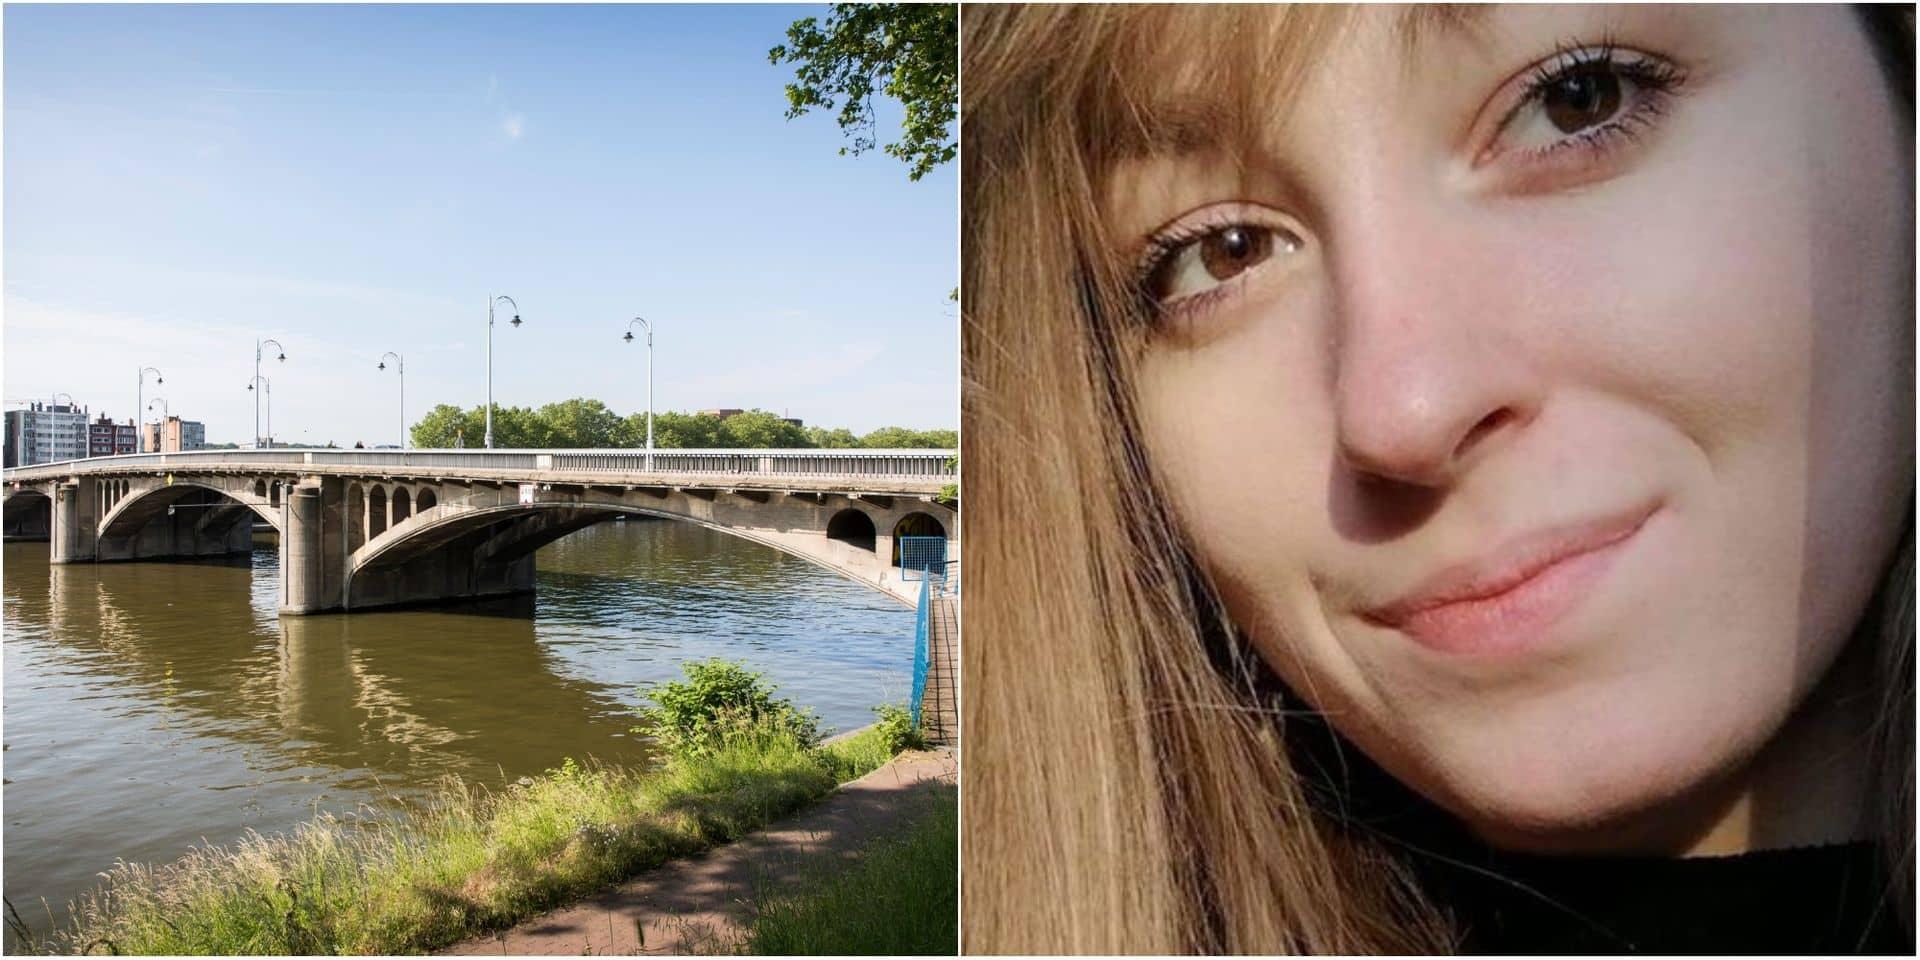 Corps repêché dans la Meuse à Liège: il s'agit de Marion Haan, la jeune fille disparue depuis mardi